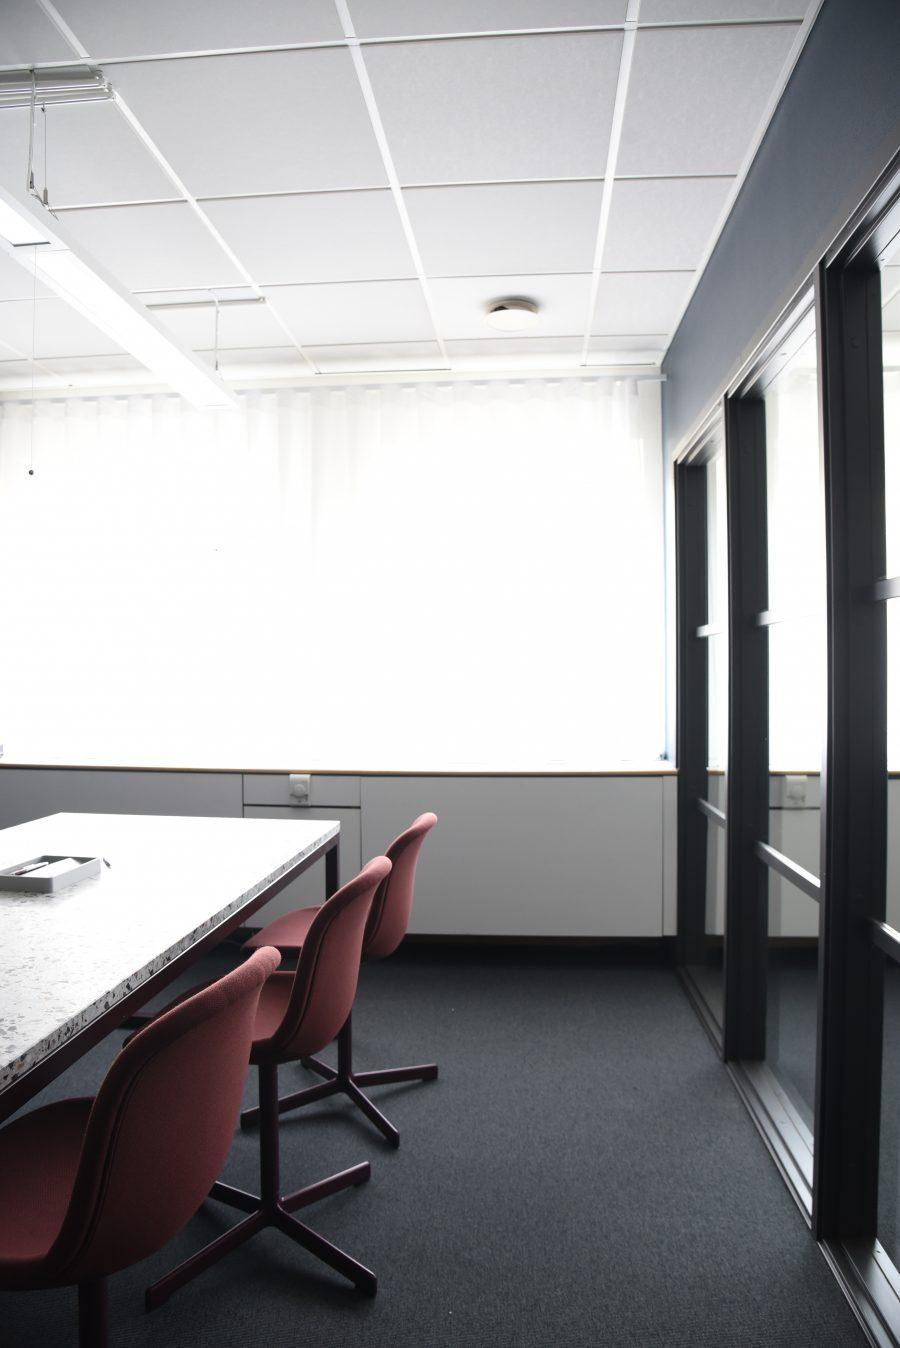 5 anledningar till att inreda kontor